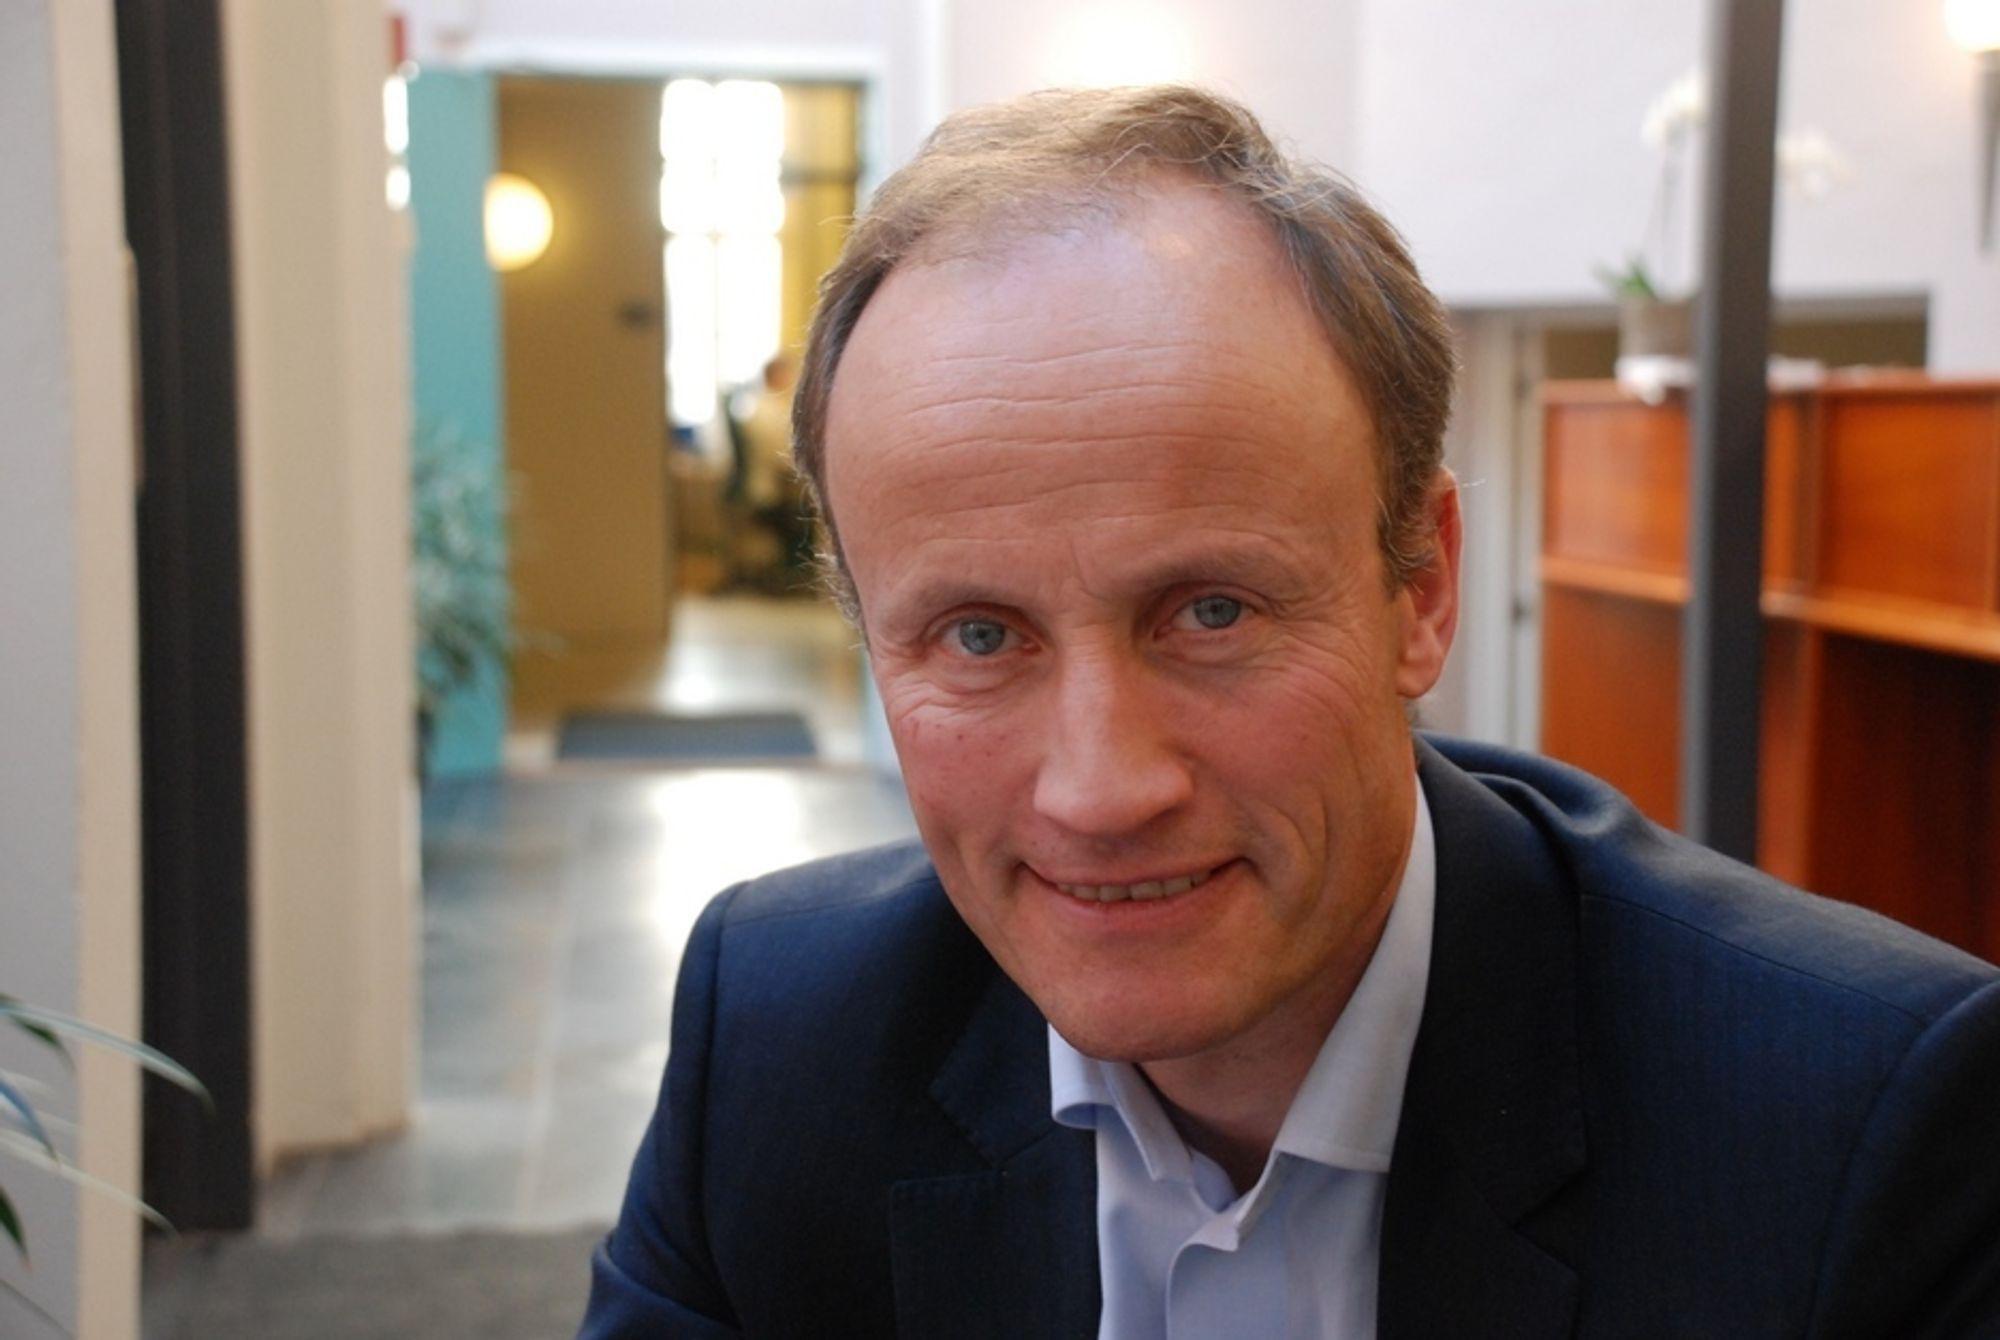 KRITISK: Enova-direktør Nils Kristian Nakstad frykter forutsetningen om at elektrisitet i Norge er klimanøytralt kan gi grunnlag for feilvurderinger i klimapolitikken.